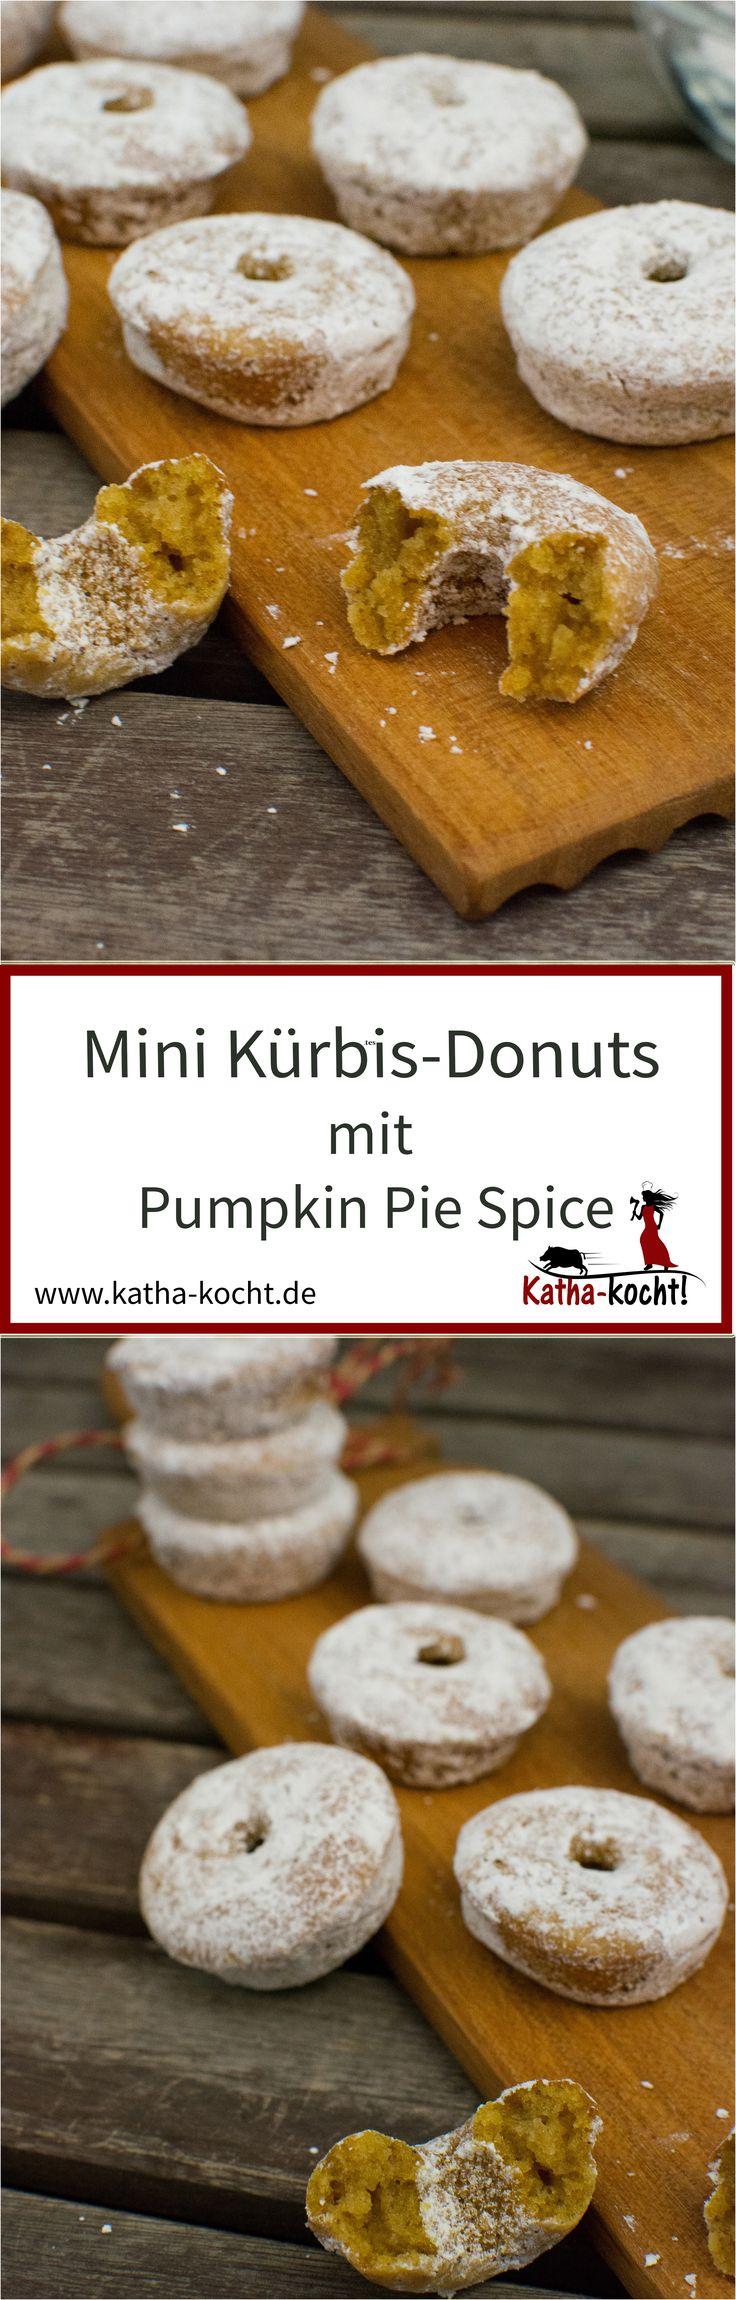 Achtung- Suchtgefahr! Diese super lockeren, saftigen Mini Kürbis-Donuts mit Pumpkin Pie Spice naschen sich ganz schnell weg - ein tolles Geschenk aus der Küche, für Freunde, die Familie, eure Kollegen im Büro oder alle anderen lieben Menschen... aber natürlich könnt ihr sie auch ganz alleine vernaschen. Das Rezept gibt es auf katha-kocht!